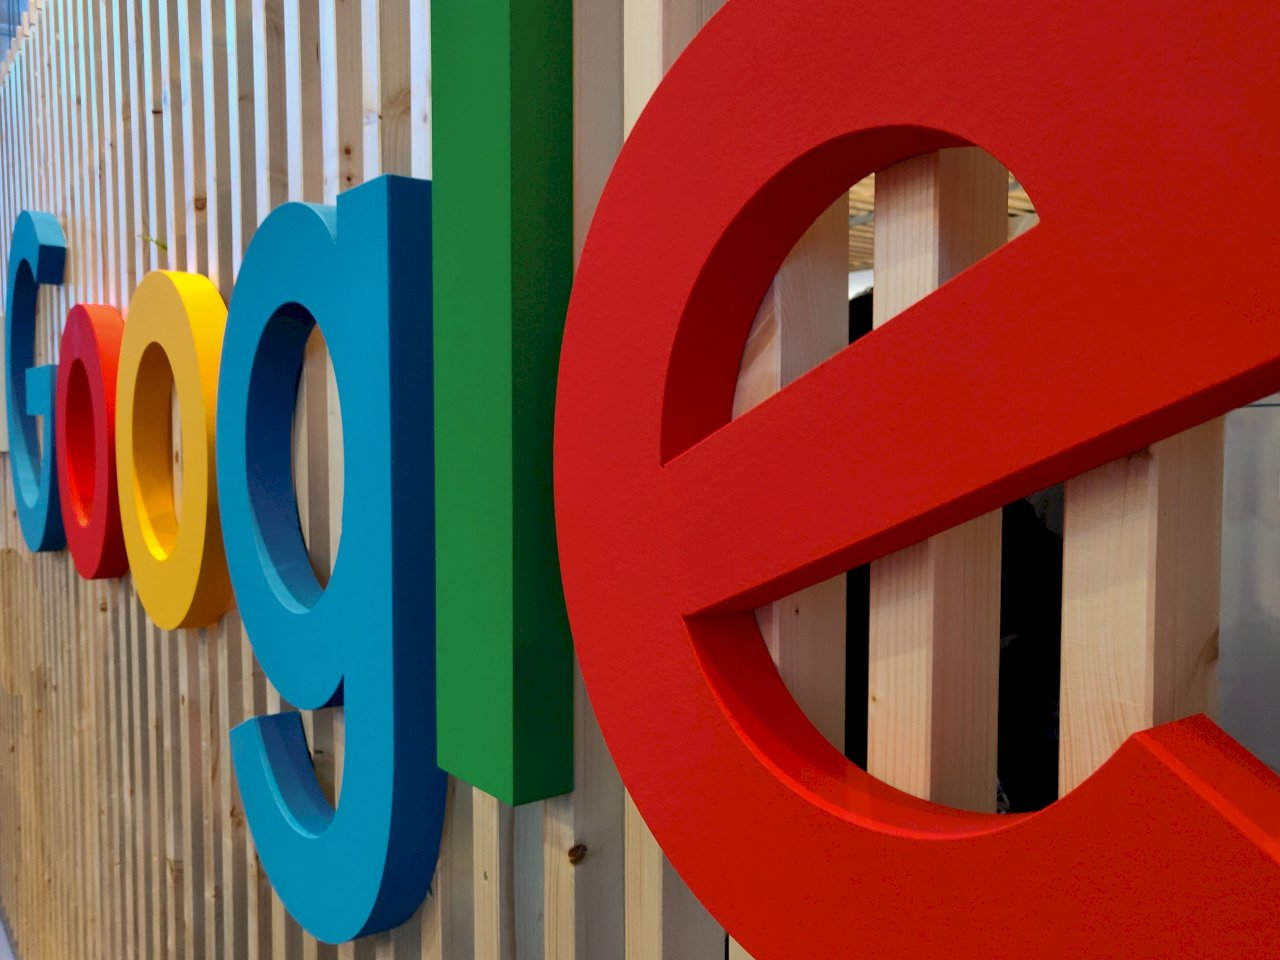 澳洲法院開先例 谷歌誤導用戶蒐集定位資訊判定違法